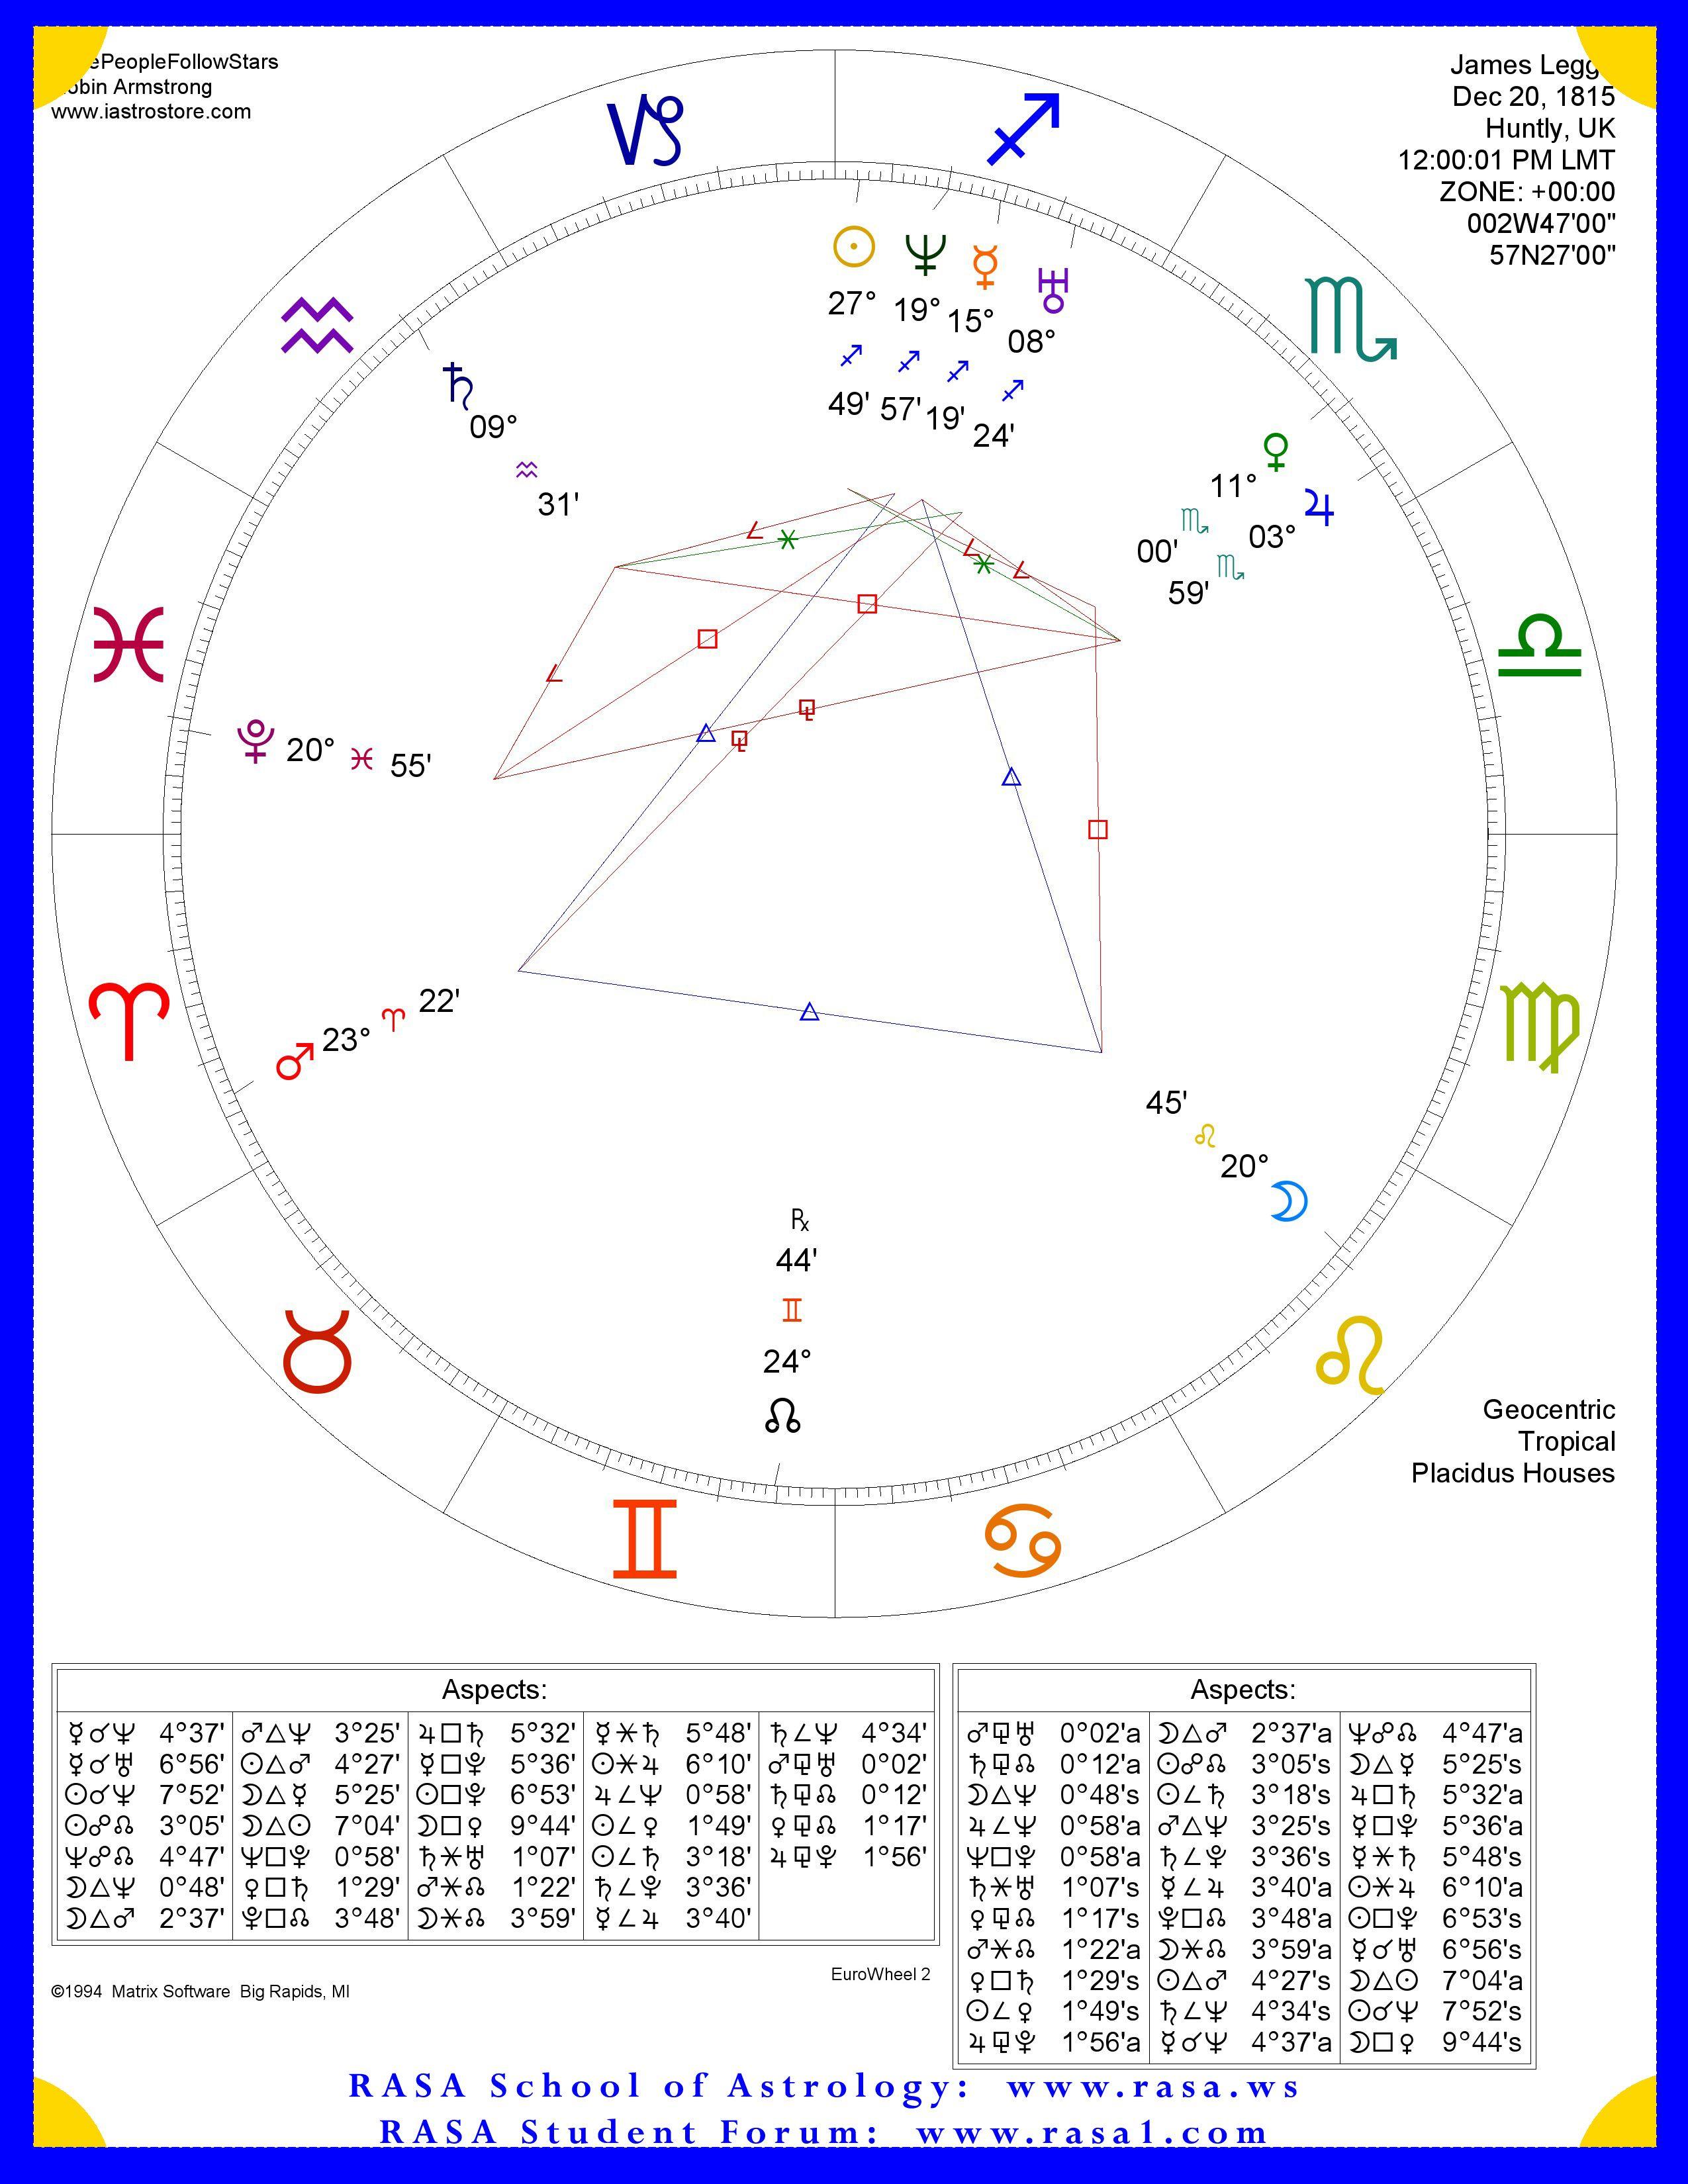 Legge, James Horoscope | Horoscope, Chart, Map